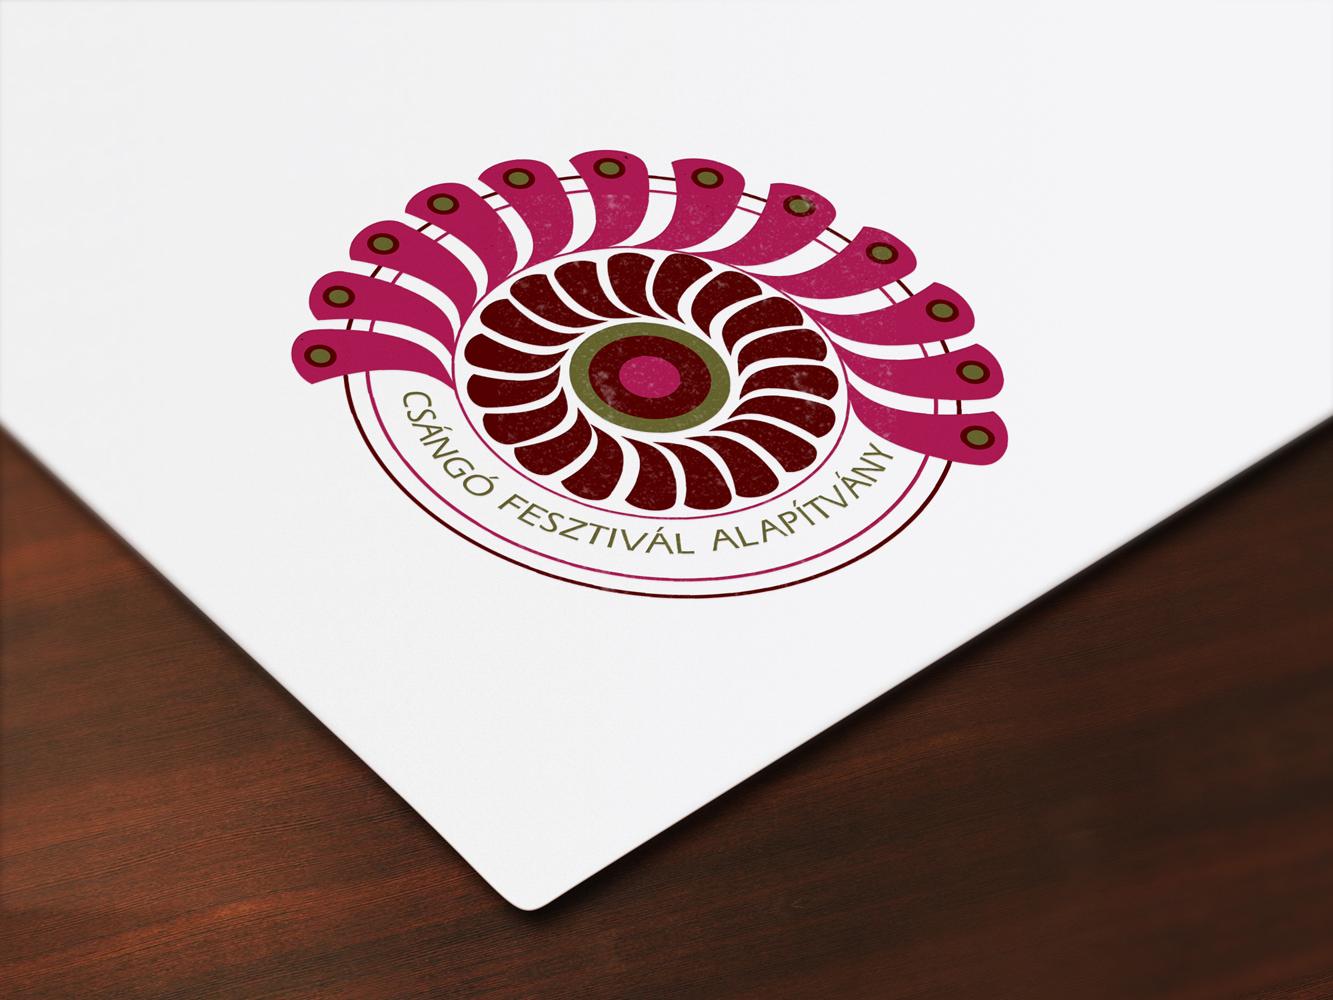 Csángó Fesztivál Alapítvány logo